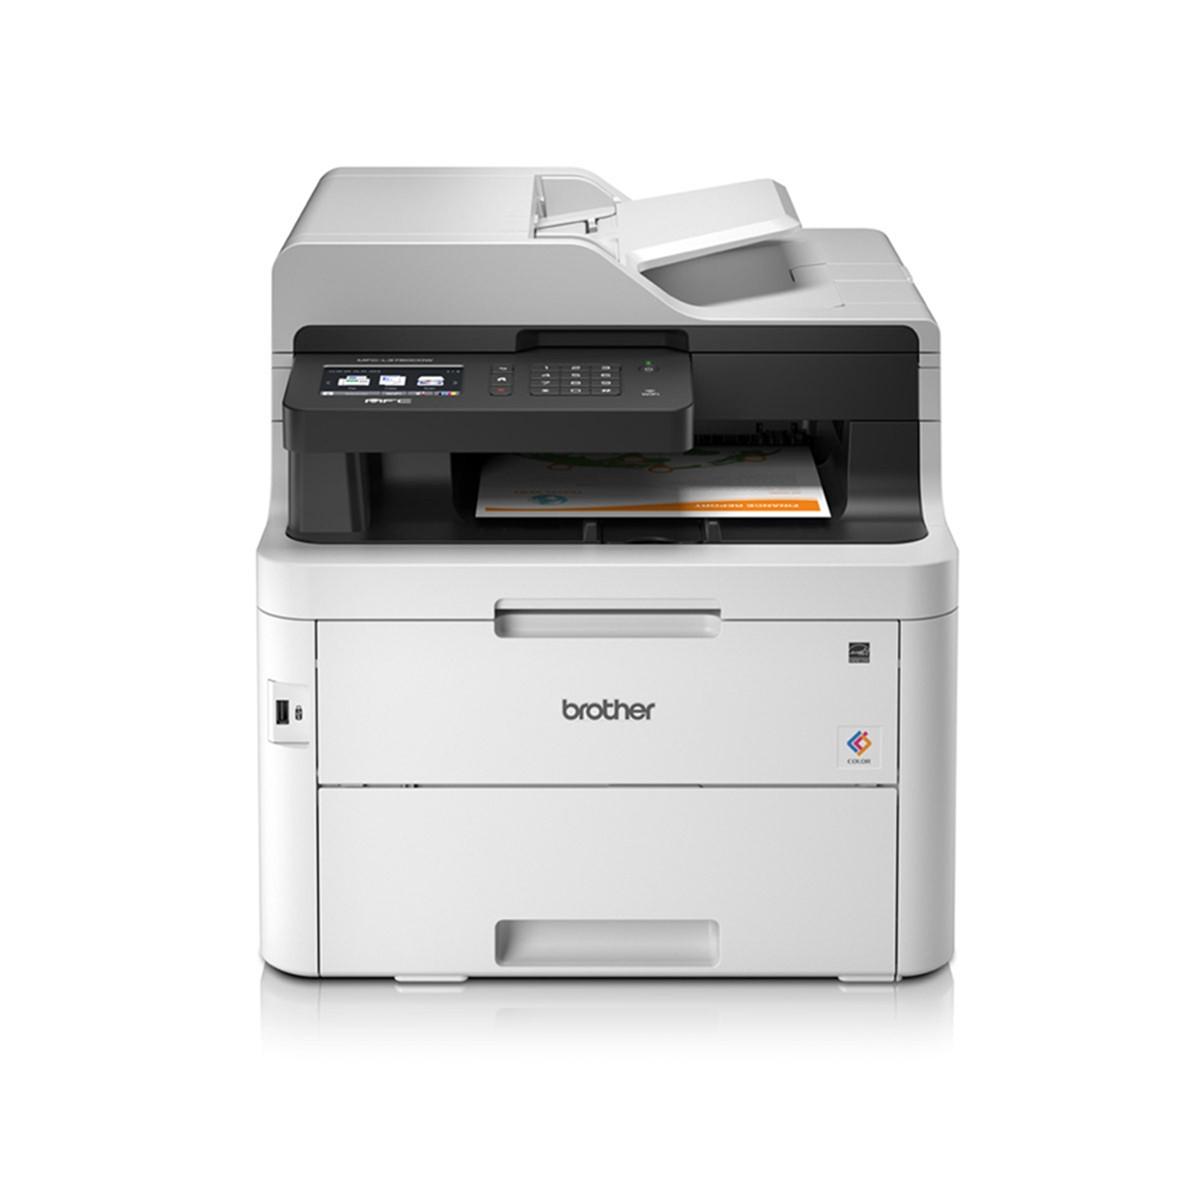 Impressora Brother MFC-L3750CDW MFC-L3750 | Multifuncional Digital com Duplex e Wireless